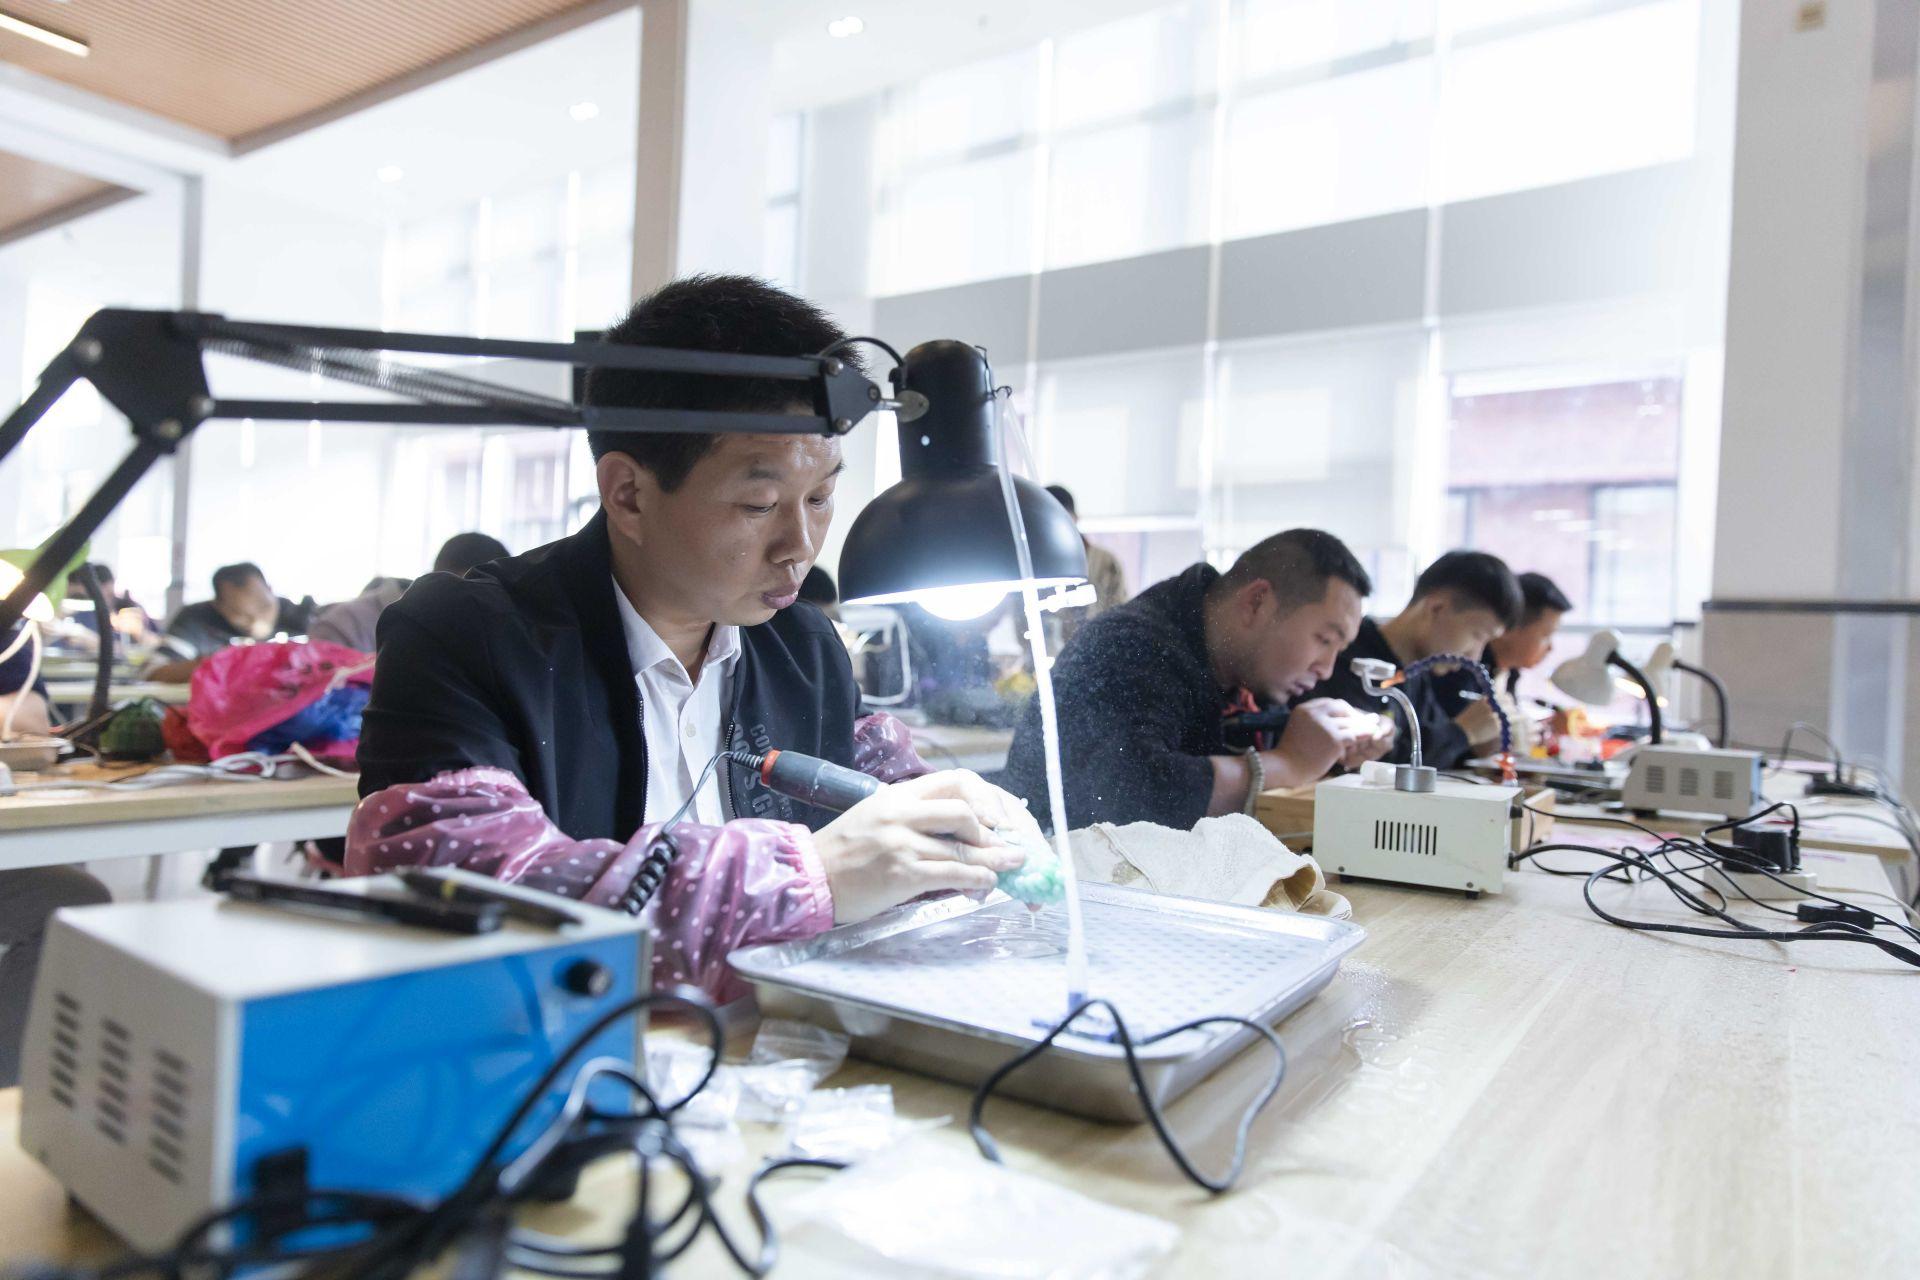 近百名选手角逐第二届美高梅娱乐官网市工艺美术大师殊荣